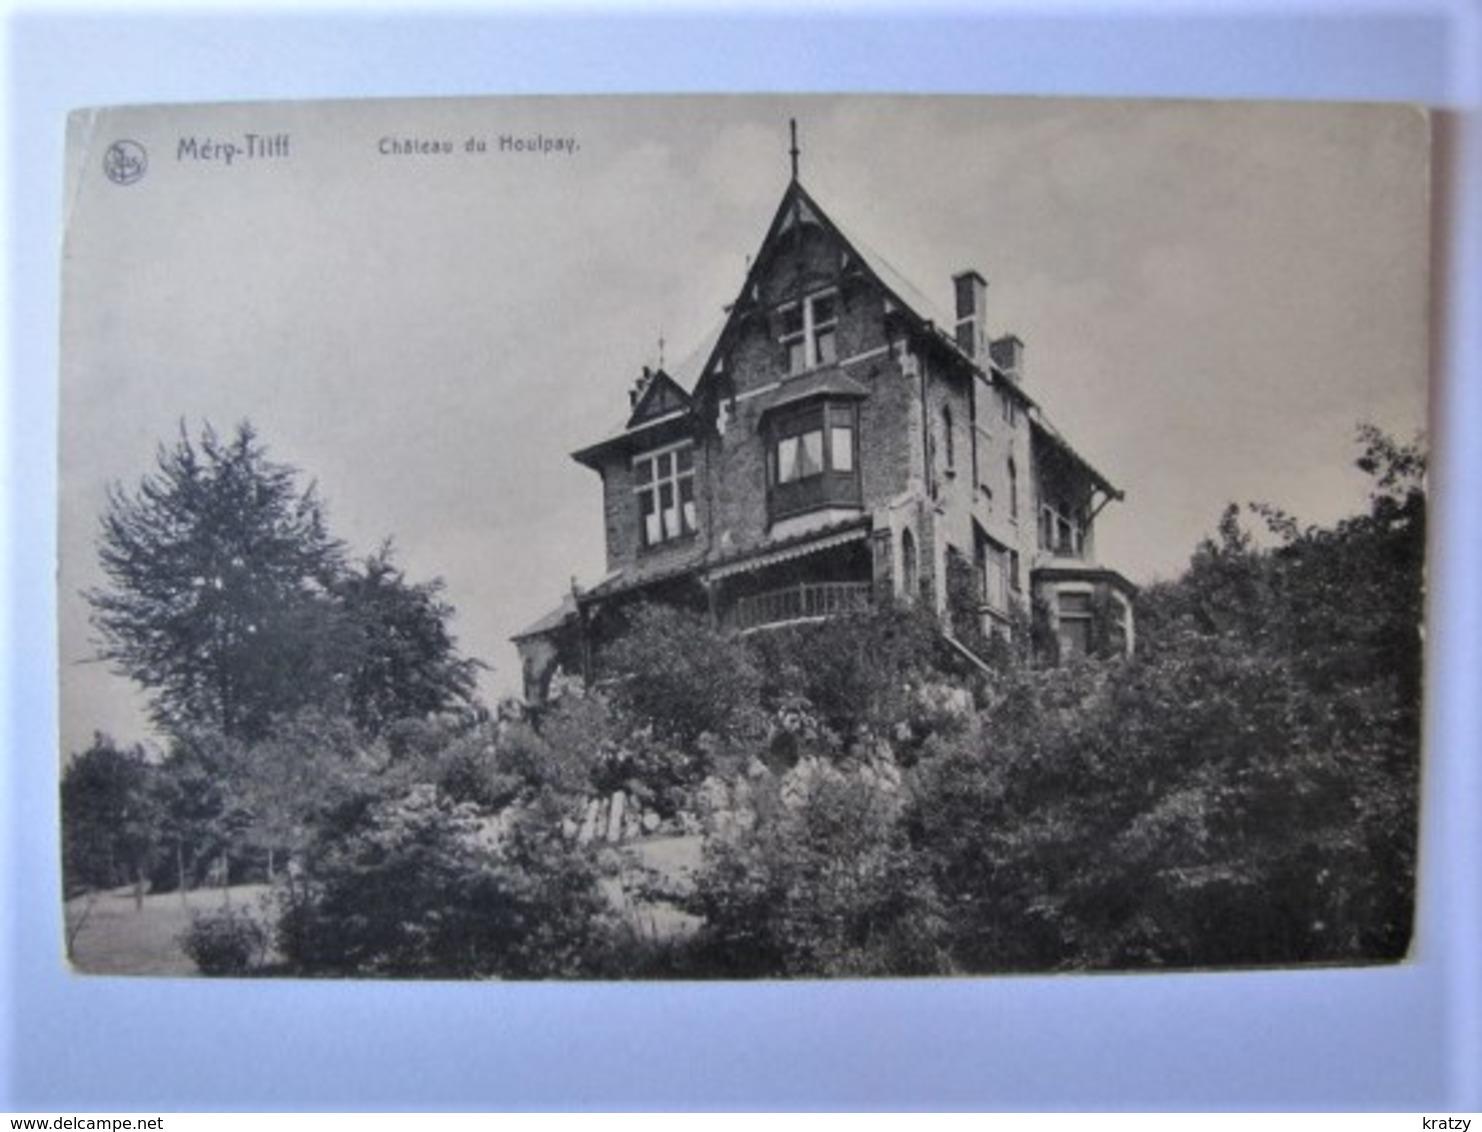 BELGIQUE - LIEGE - TILFF - Méry - Château Du Houlpay - Esneux